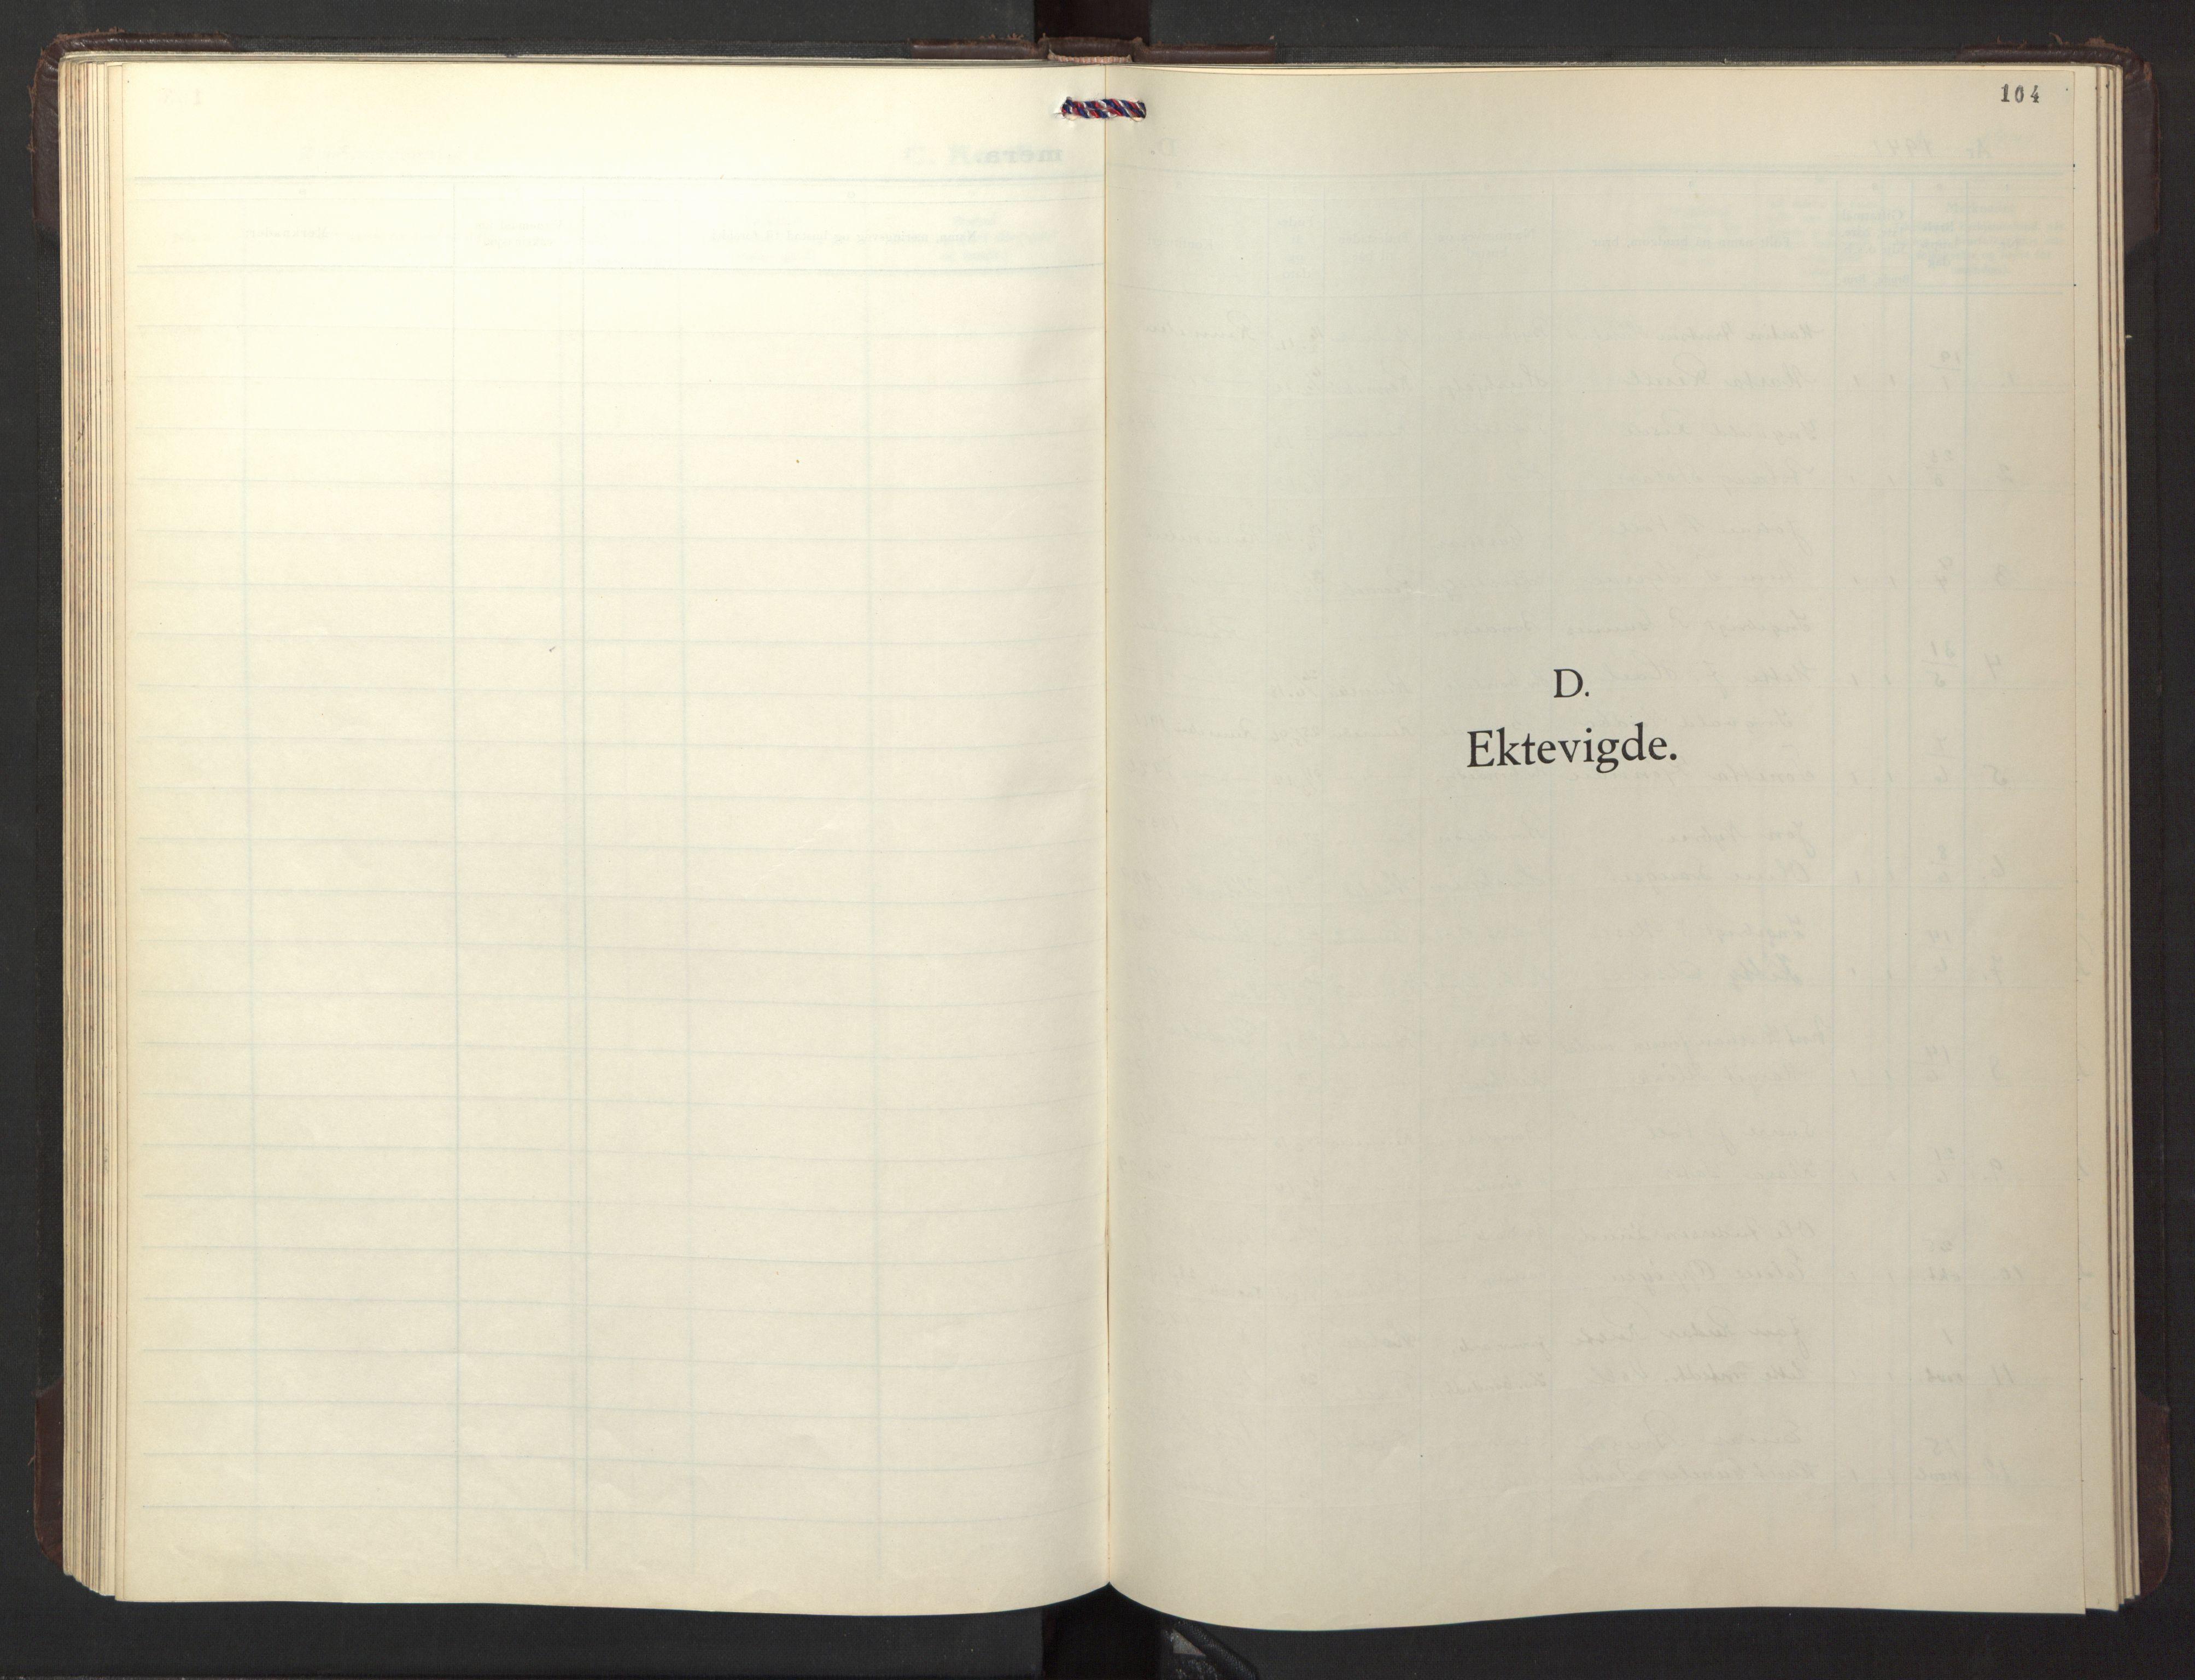 SAT, Ministerialprotokoller, klokkerbøker og fødselsregistre - Sør-Trøndelag, 674/L0878: Klokkerbok nr. 674C05, 1941-1950, s. 104